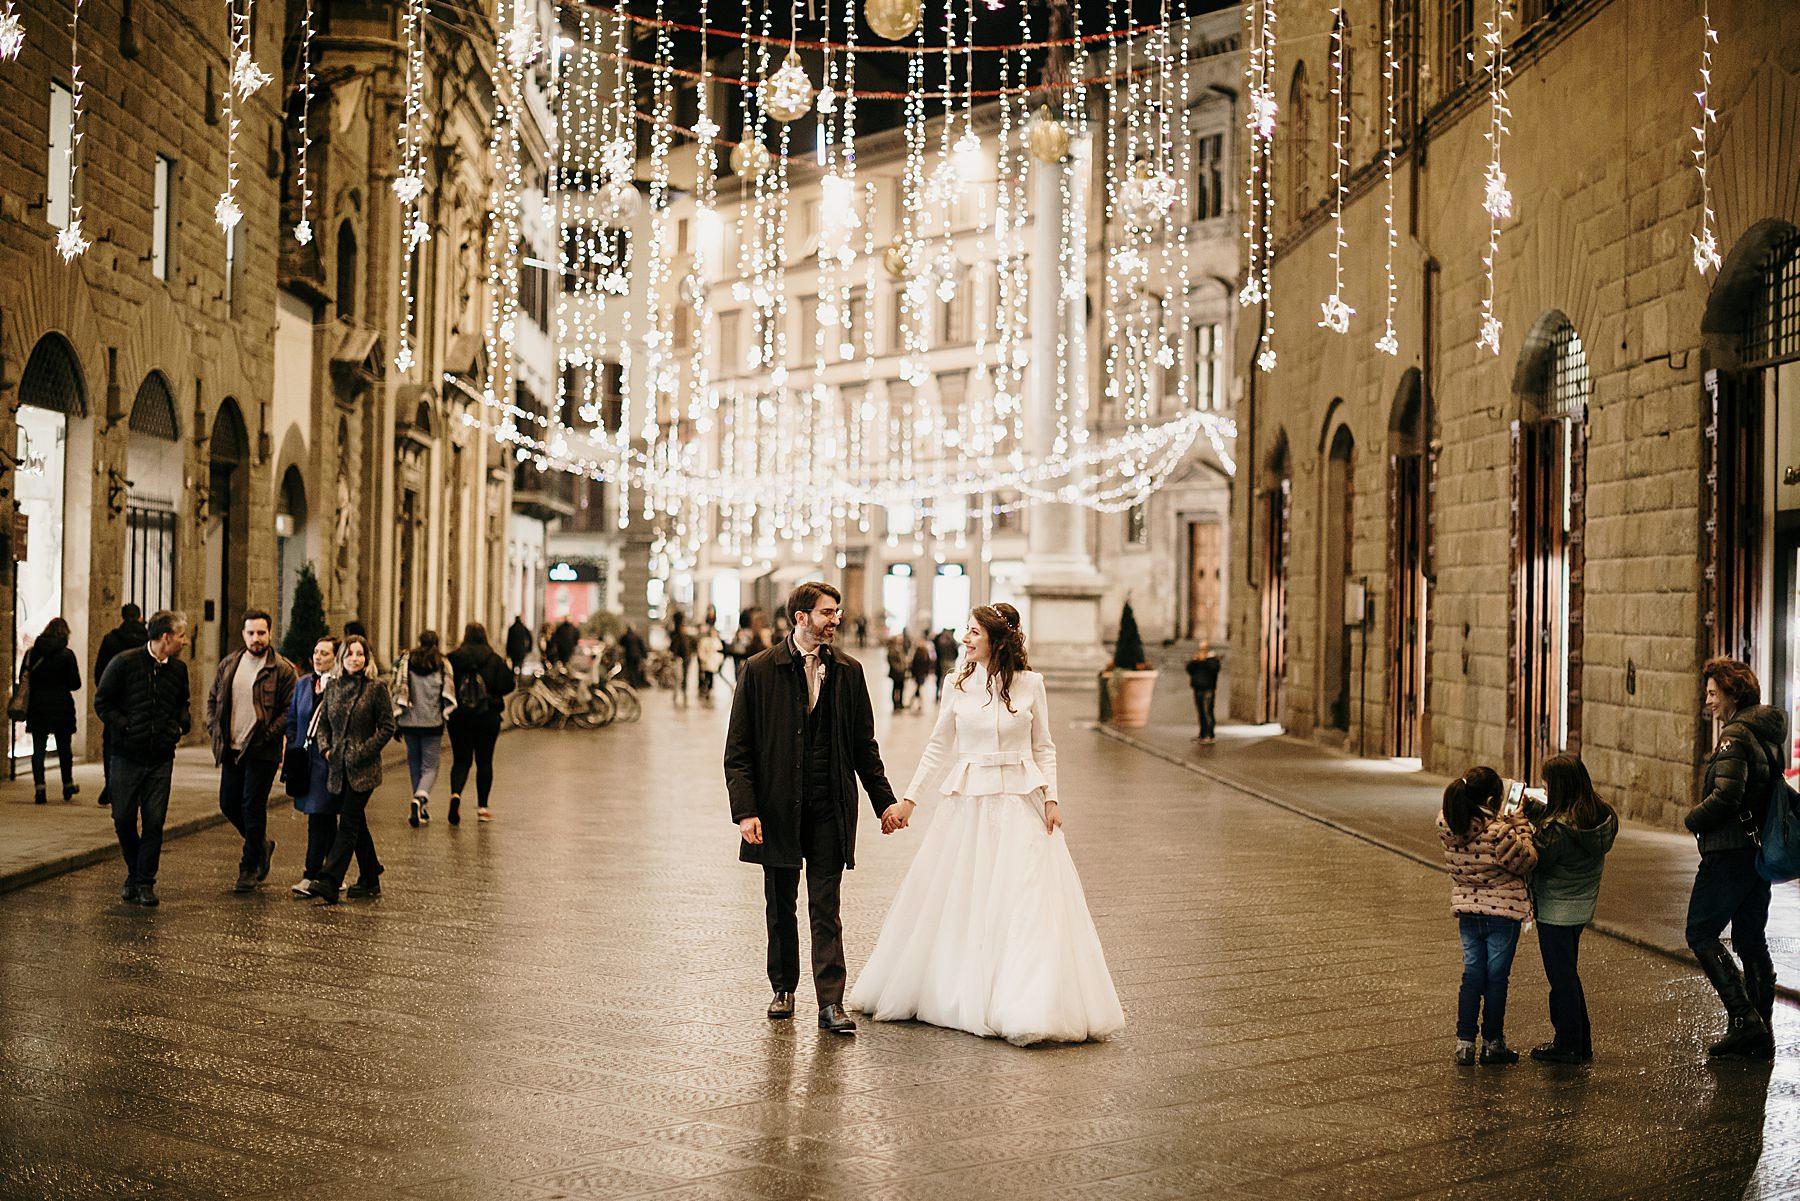 Matrimonio romantico a Firenze in Inverno